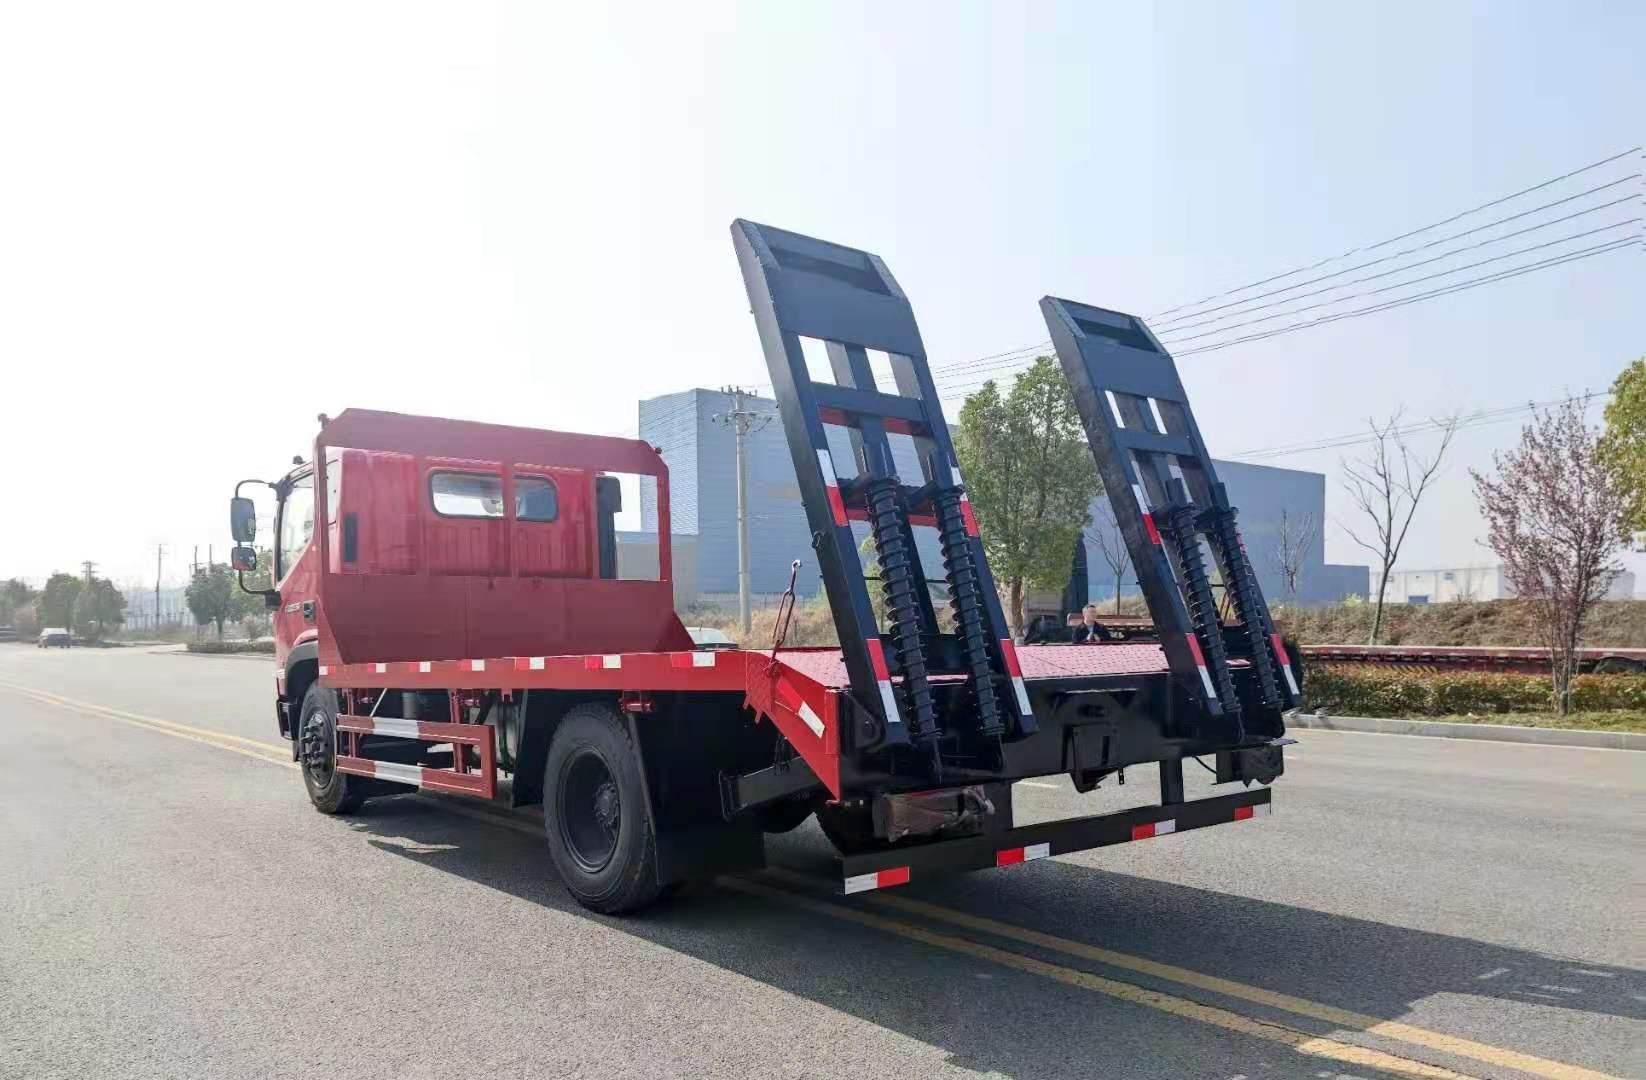 福田瑞沃国六平板运输车全方位高清图展示